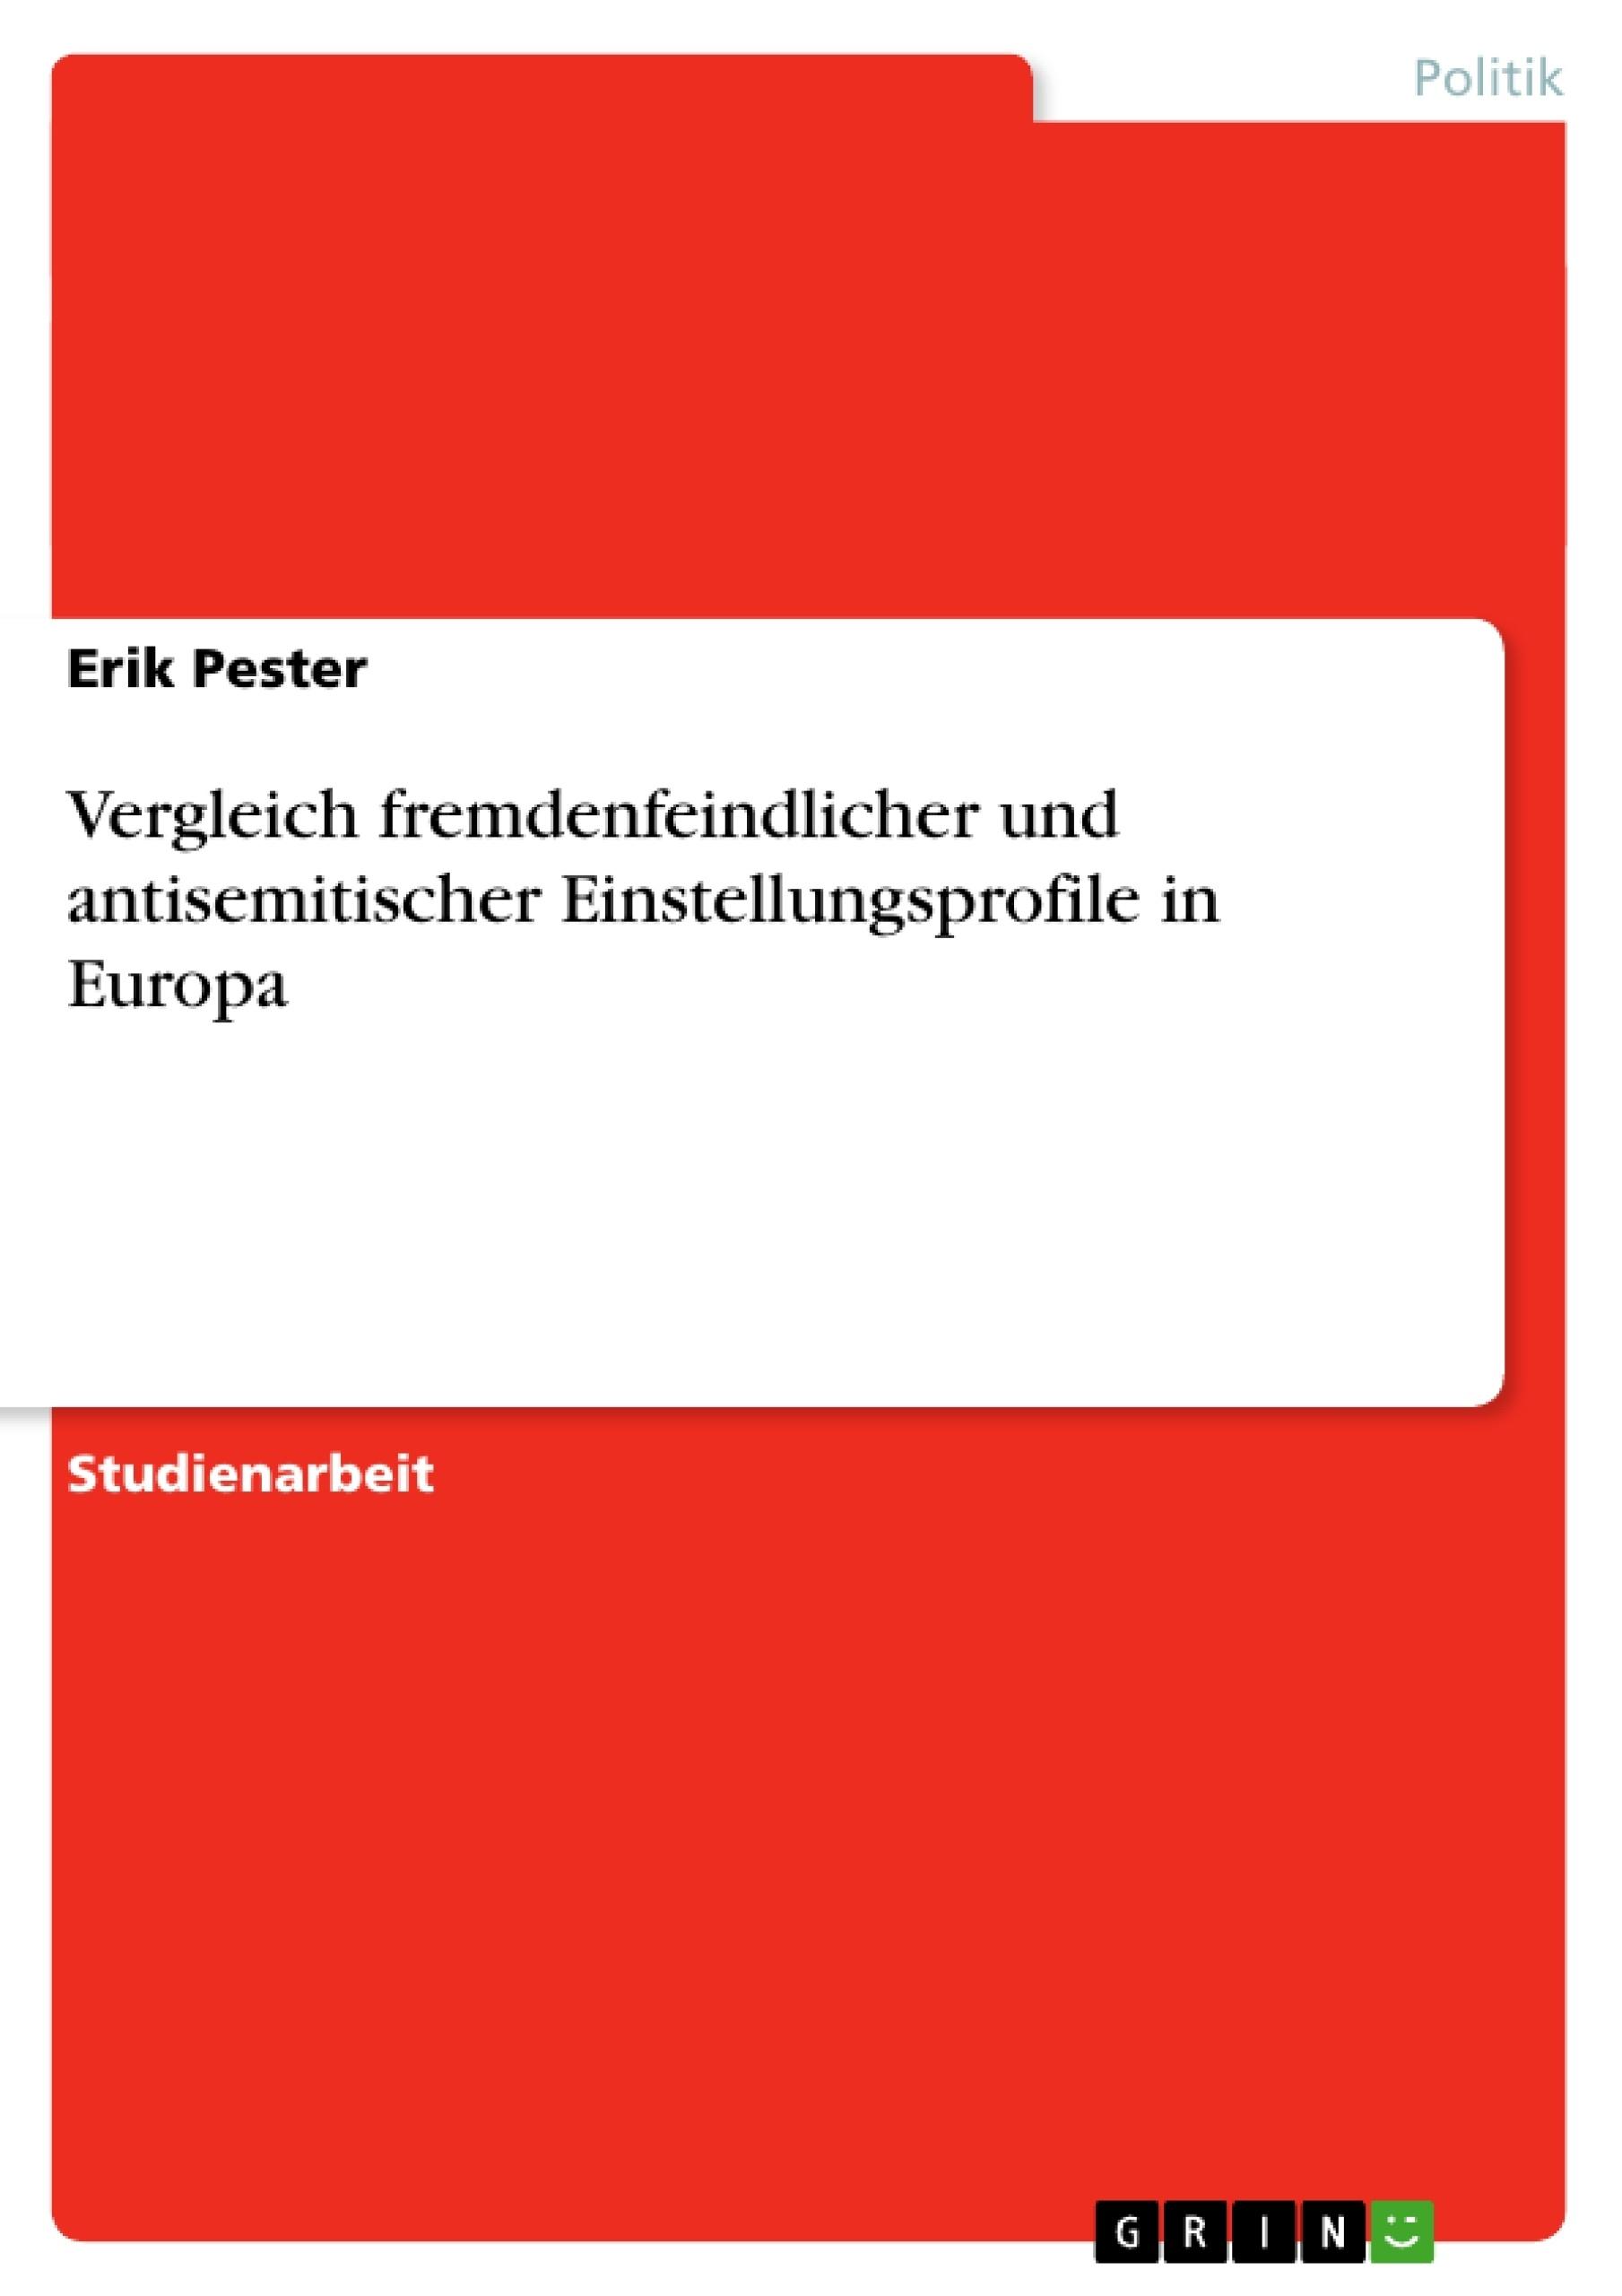 Titel: Vergleich fremdenfeindlicher und antisemitischer Einstellungsprofile in Europa